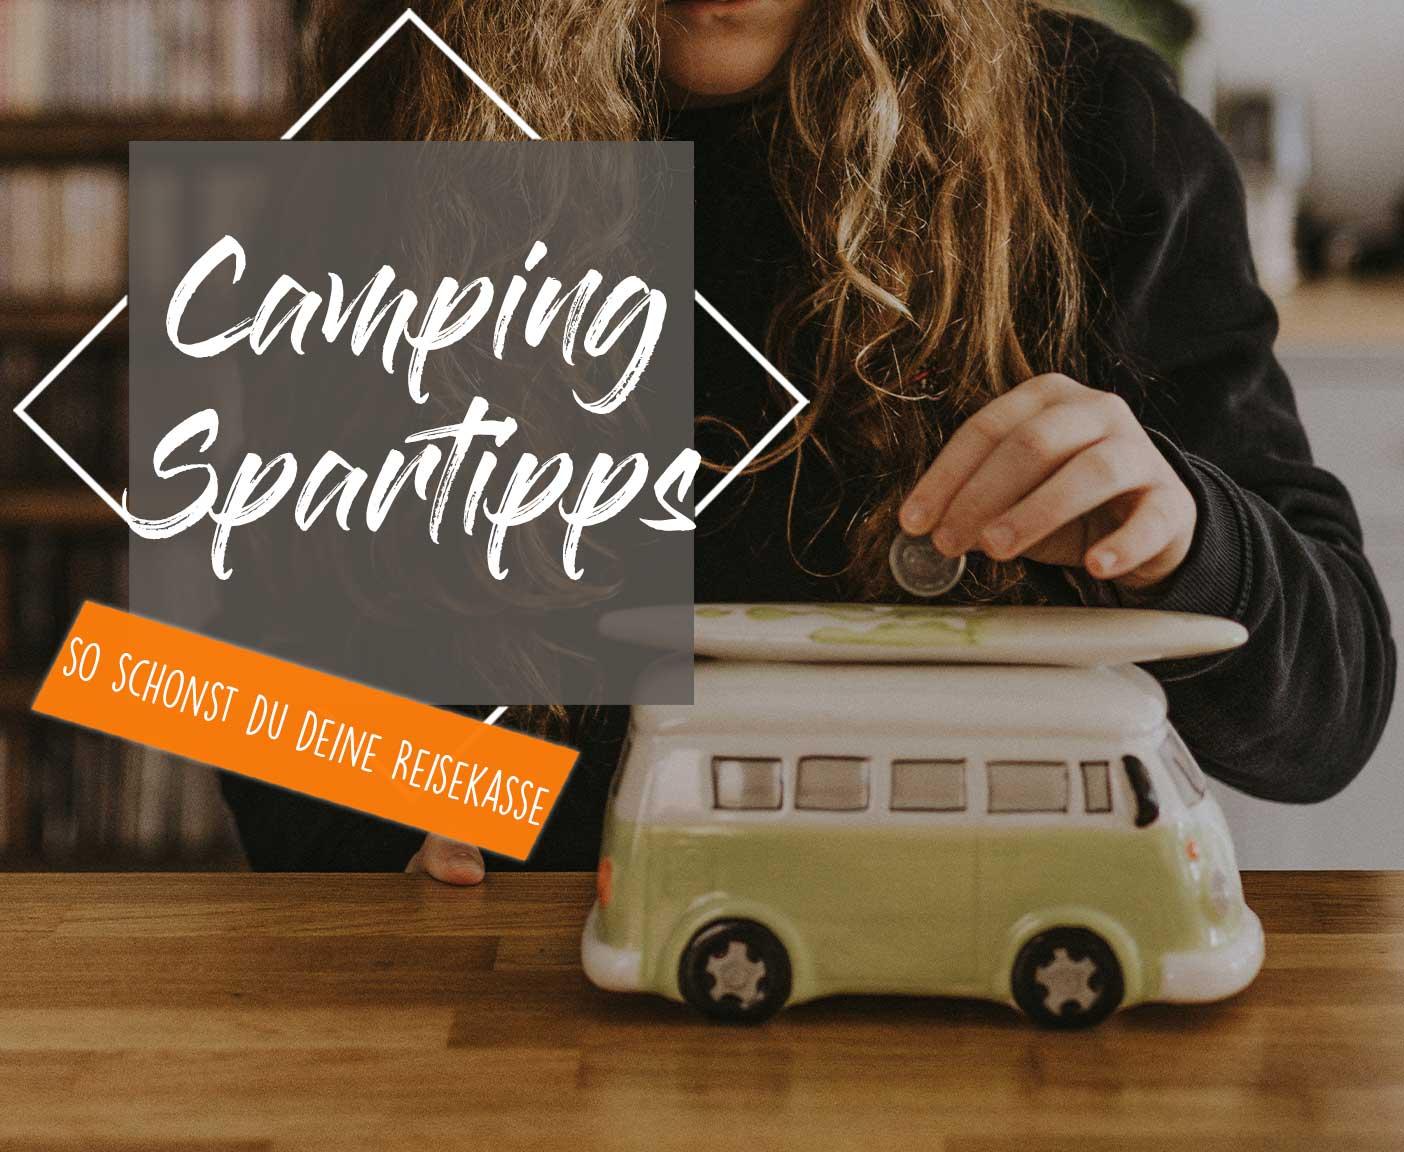 camping-spartipps-so-schonst-du-deine-reisekasse-reisebudget